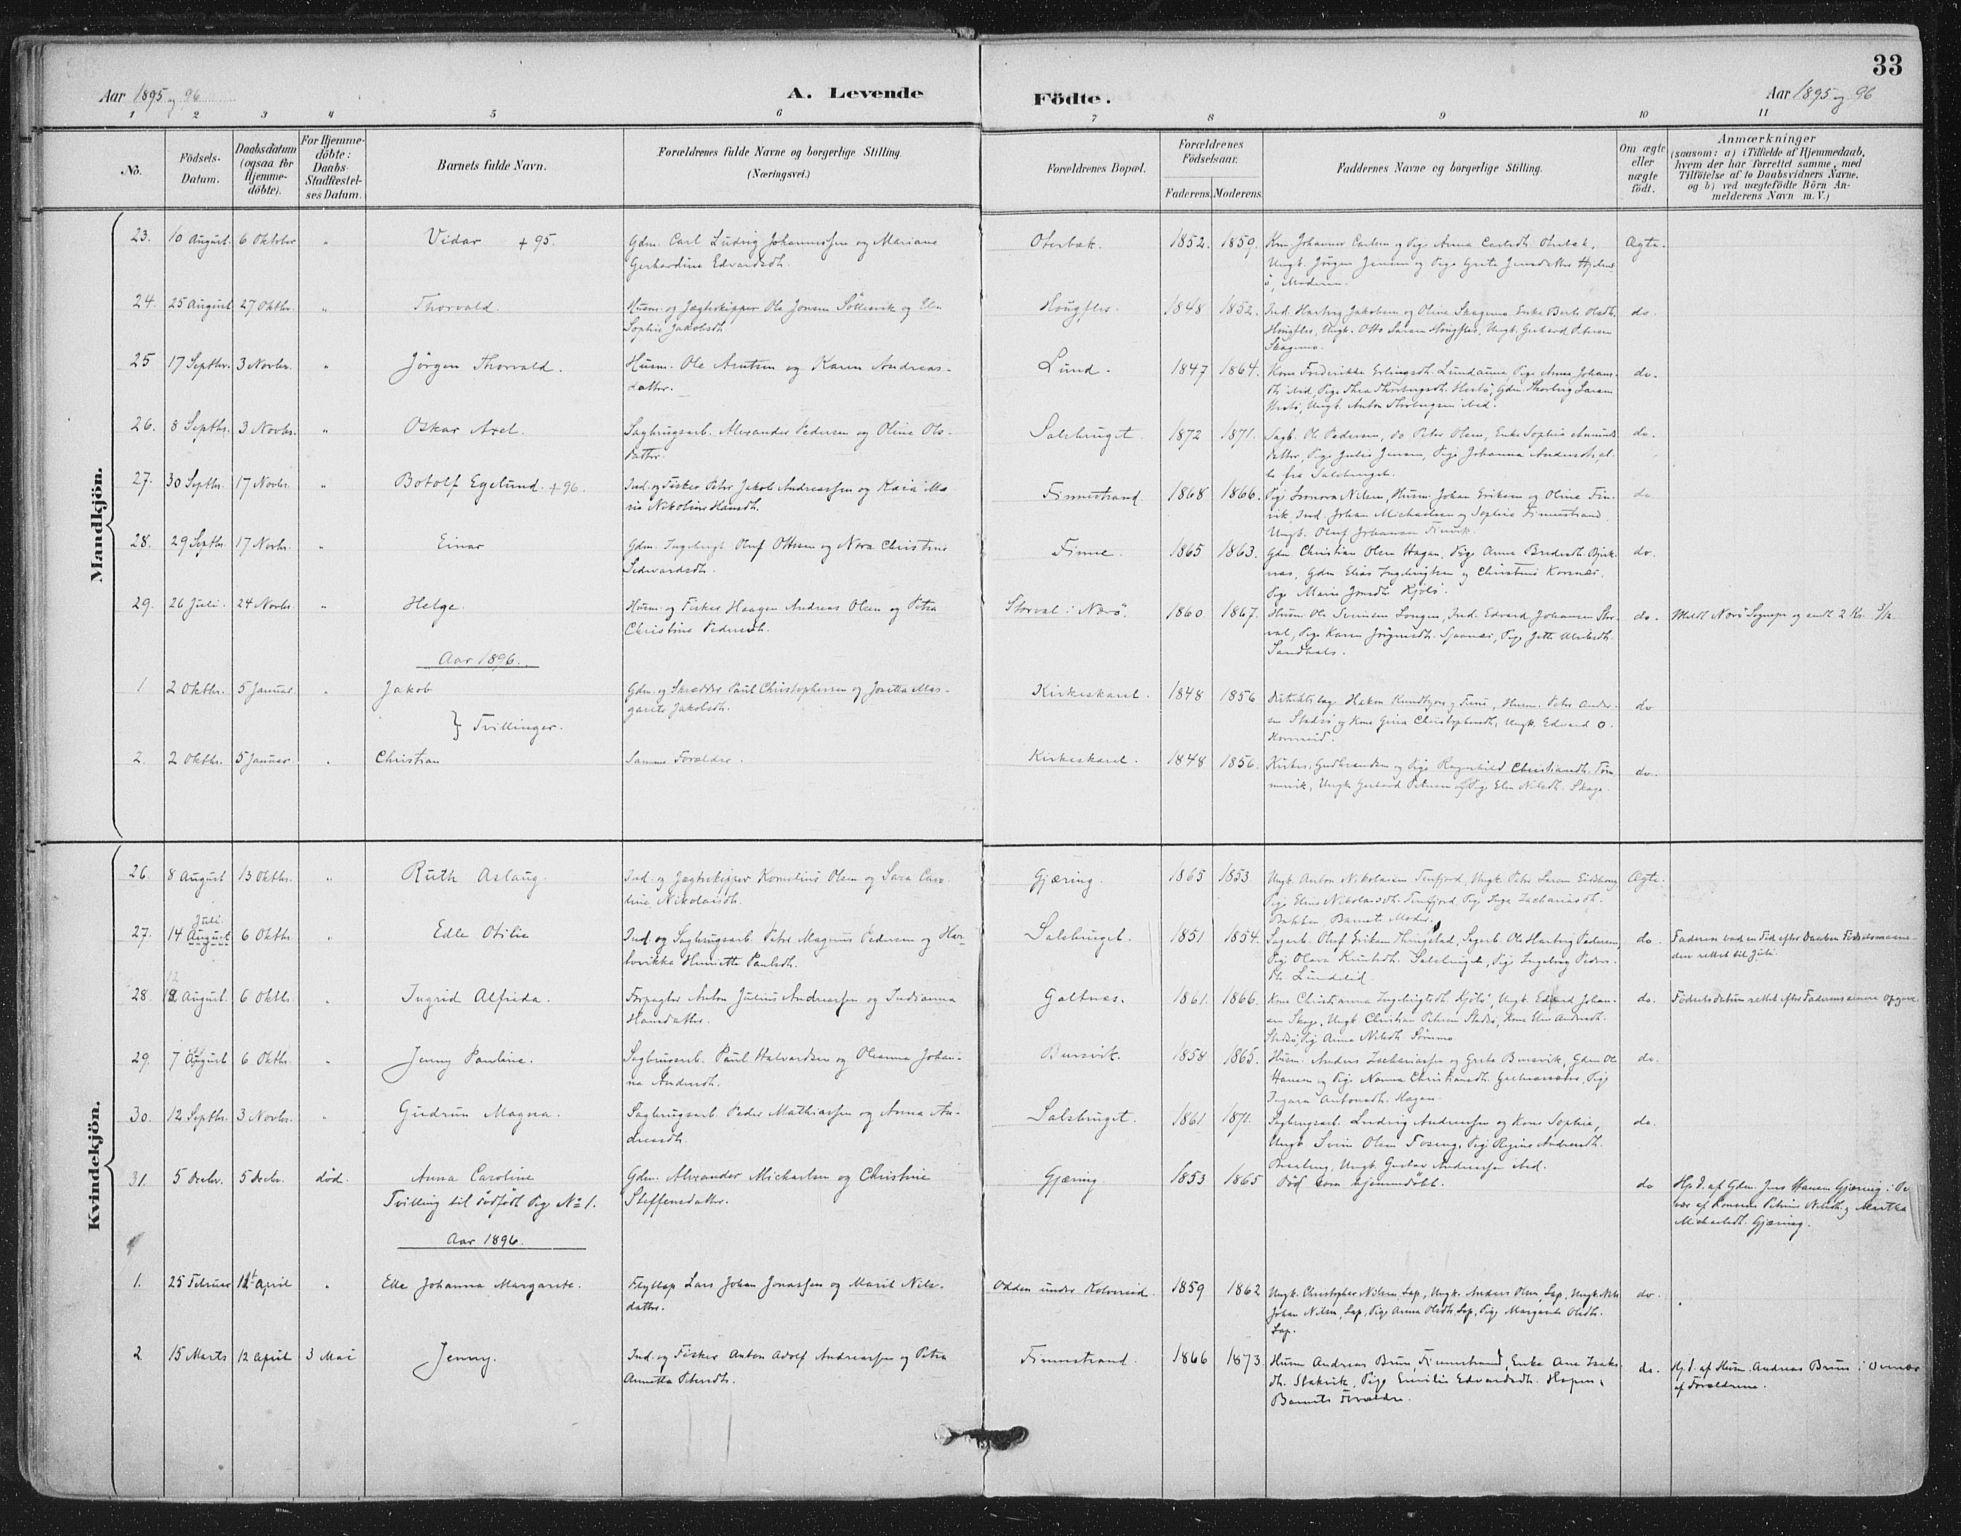 SAT, Ministerialprotokoller, klokkerbøker og fødselsregistre - Nord-Trøndelag, 780/L0644: Ministerialbok nr. 780A08, 1886-1903, s. 33